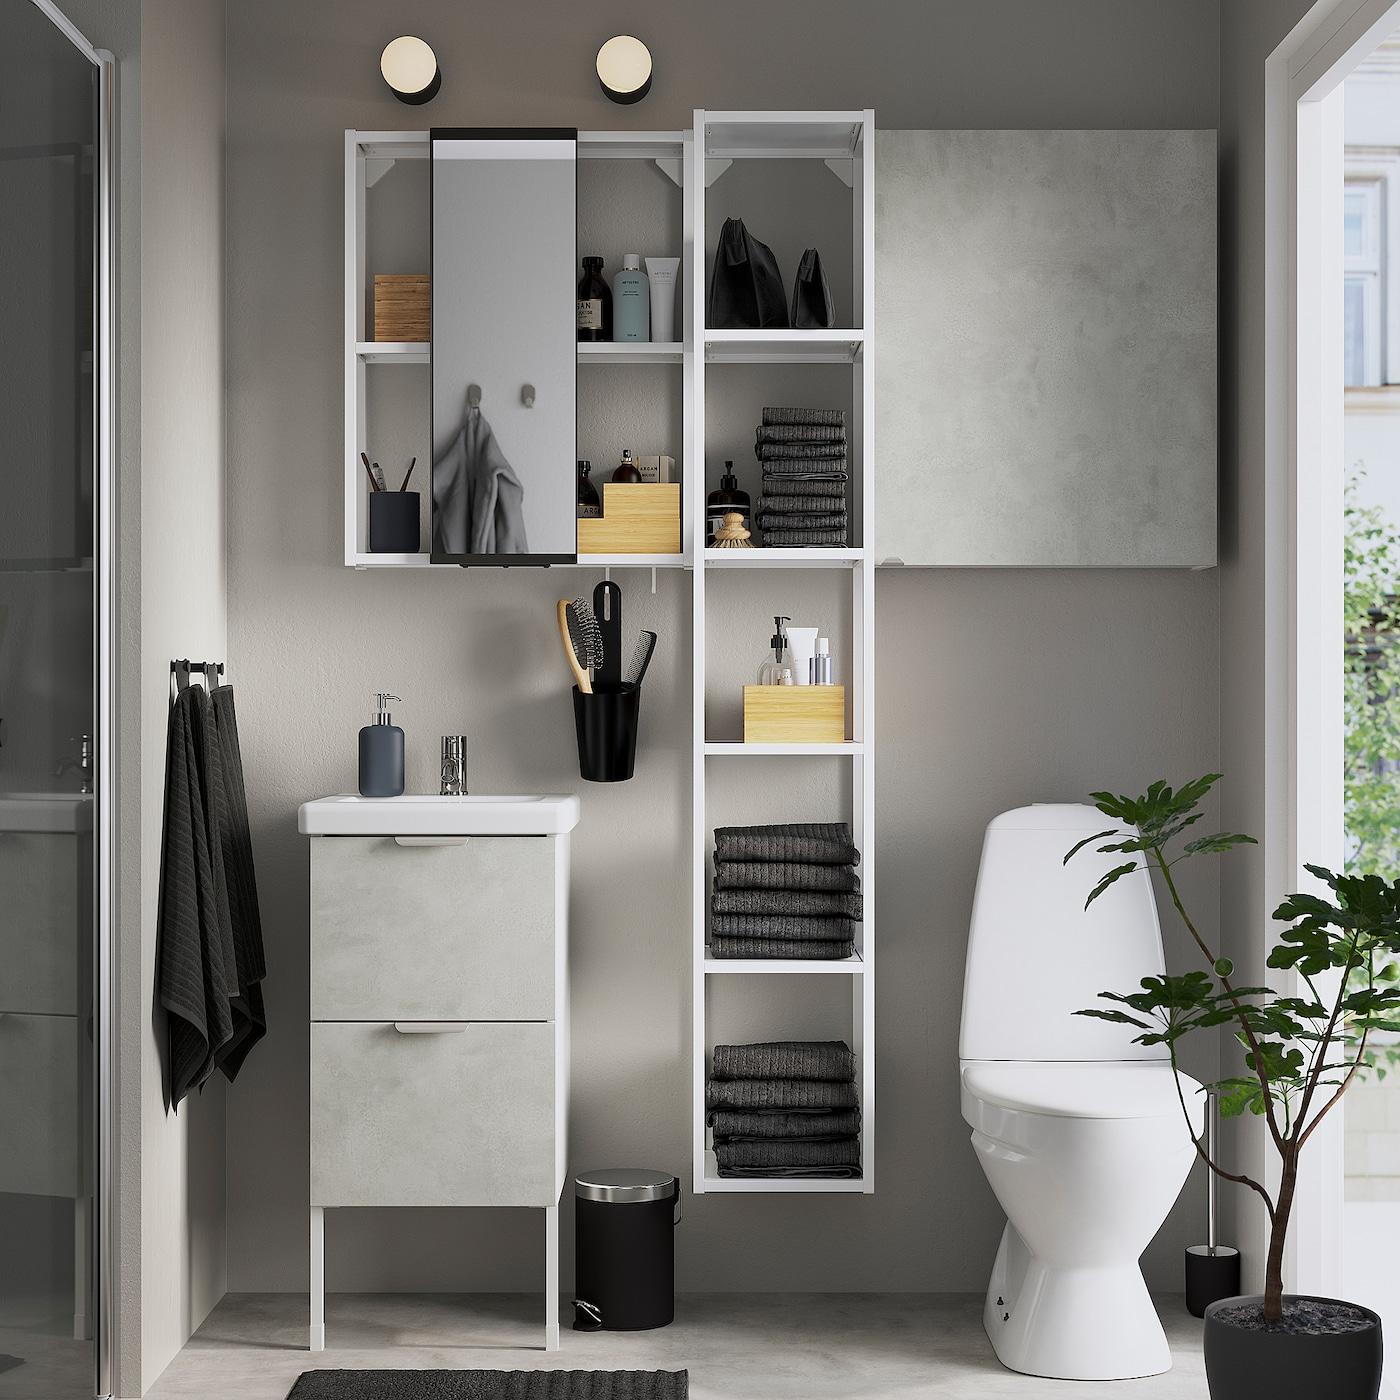 ENHET / TVÄLLEN Badezimmer Set 21 tlg.   Betonmuster/weiß PILKÅN  Mischbatterie 21x21x21 cm